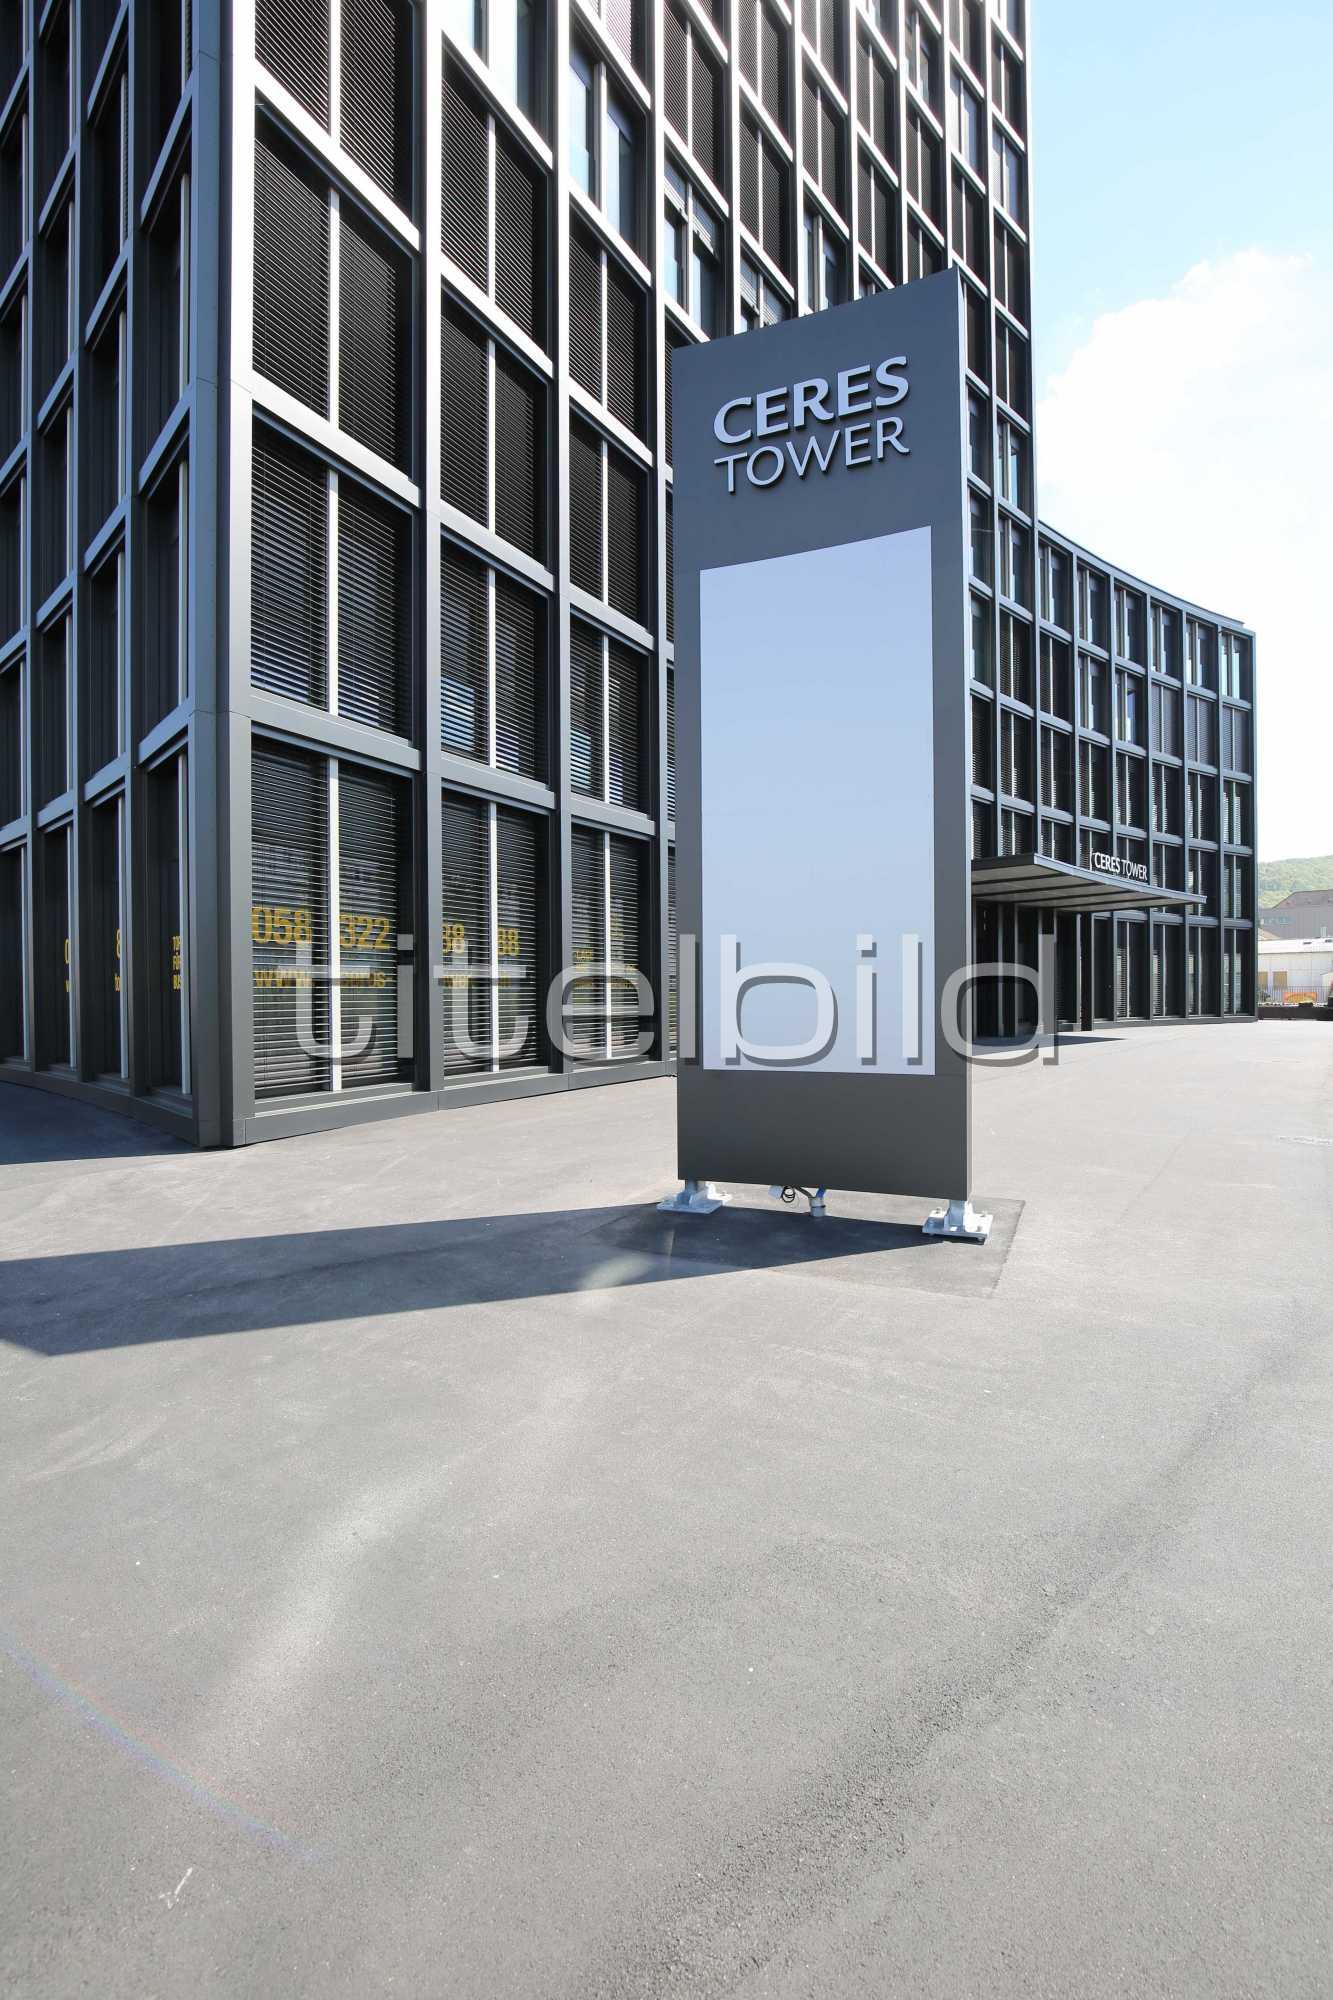 Projektbild-Nr. 4: Ceres Tower